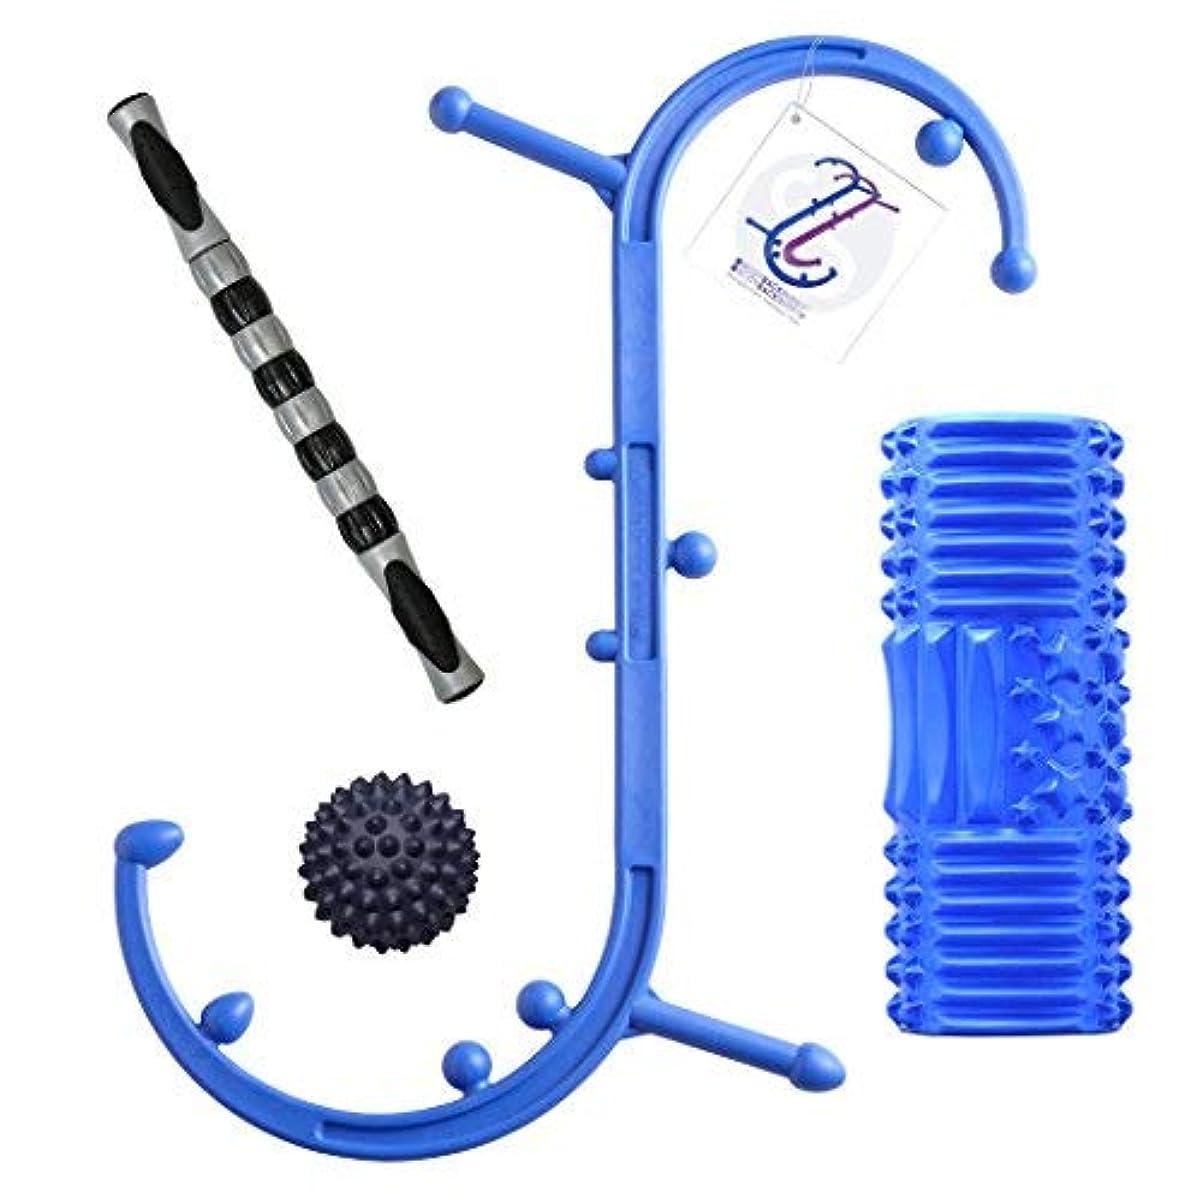 取り組む貧困絶縁するBody Back Company's Body Back Buddy Pro Sport Trigger Point Self-Massage Tool, 2Roll Foam Massage Roller, RhinoPro...